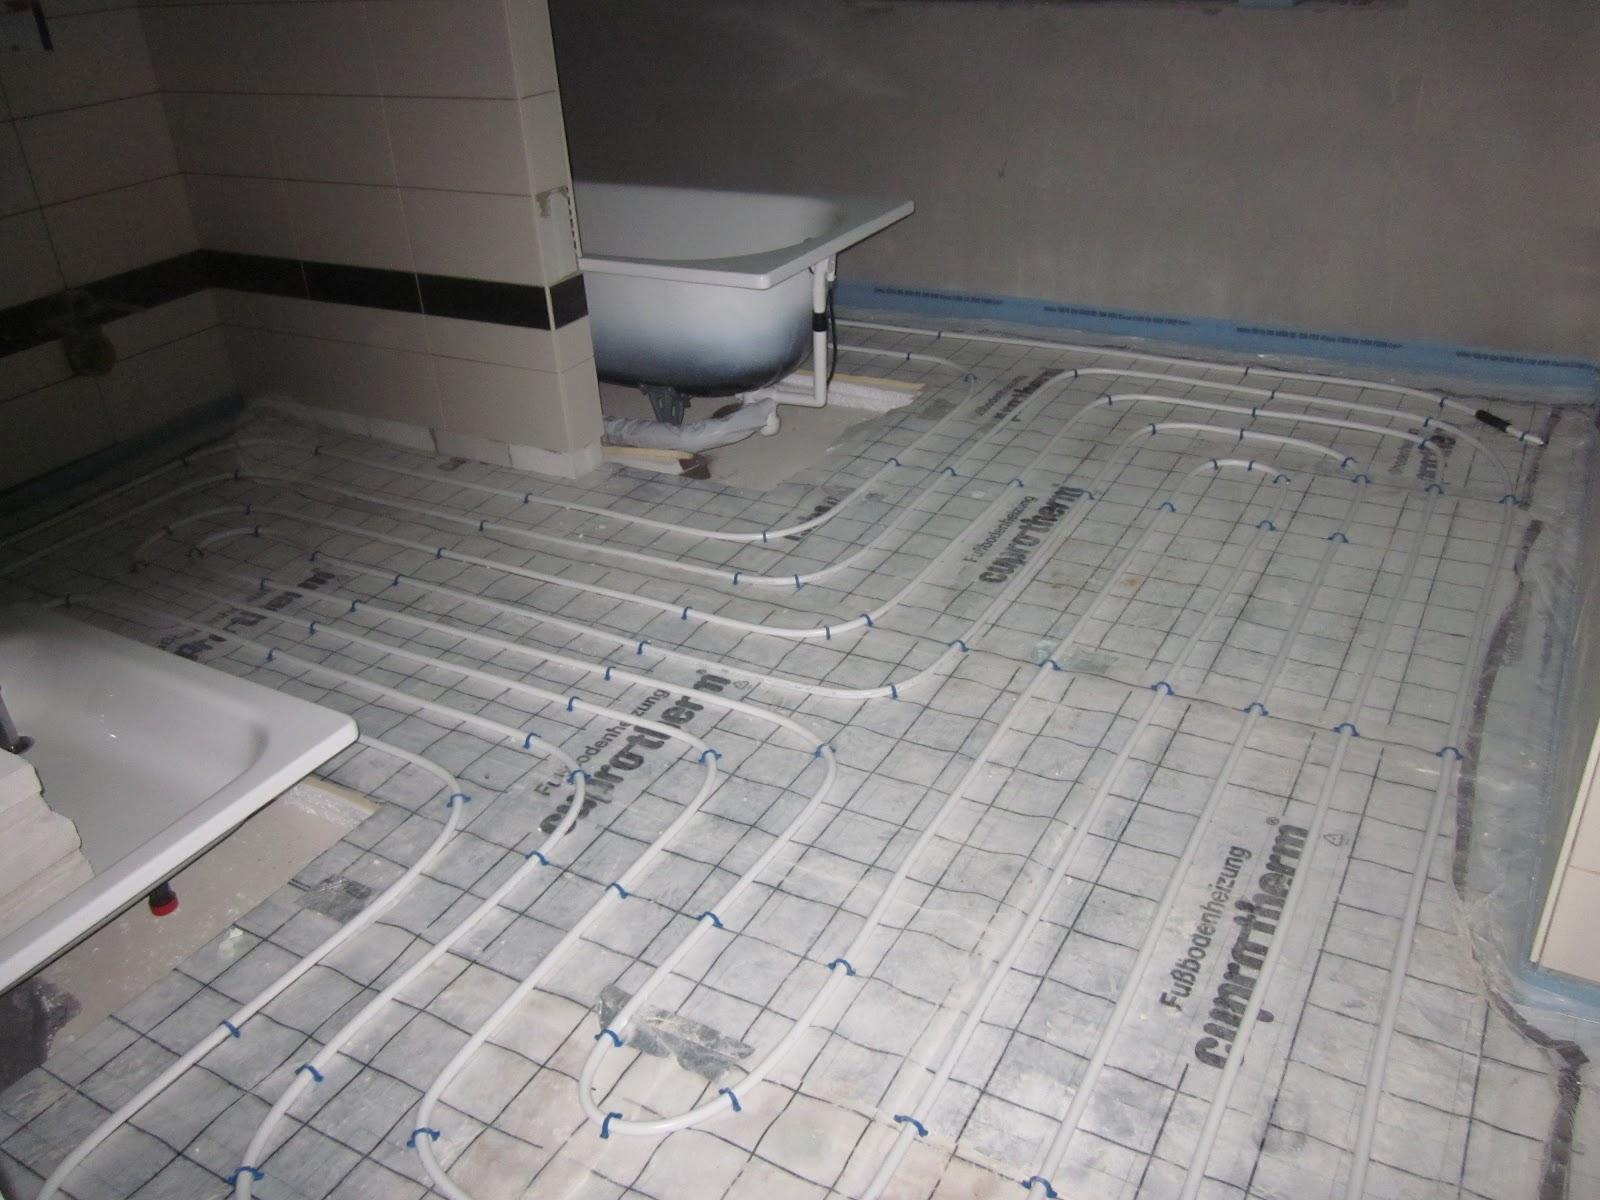 bauen mit b steinhaus 2011 12 fliesen und dach berst nde. Black Bedroom Furniture Sets. Home Design Ideas